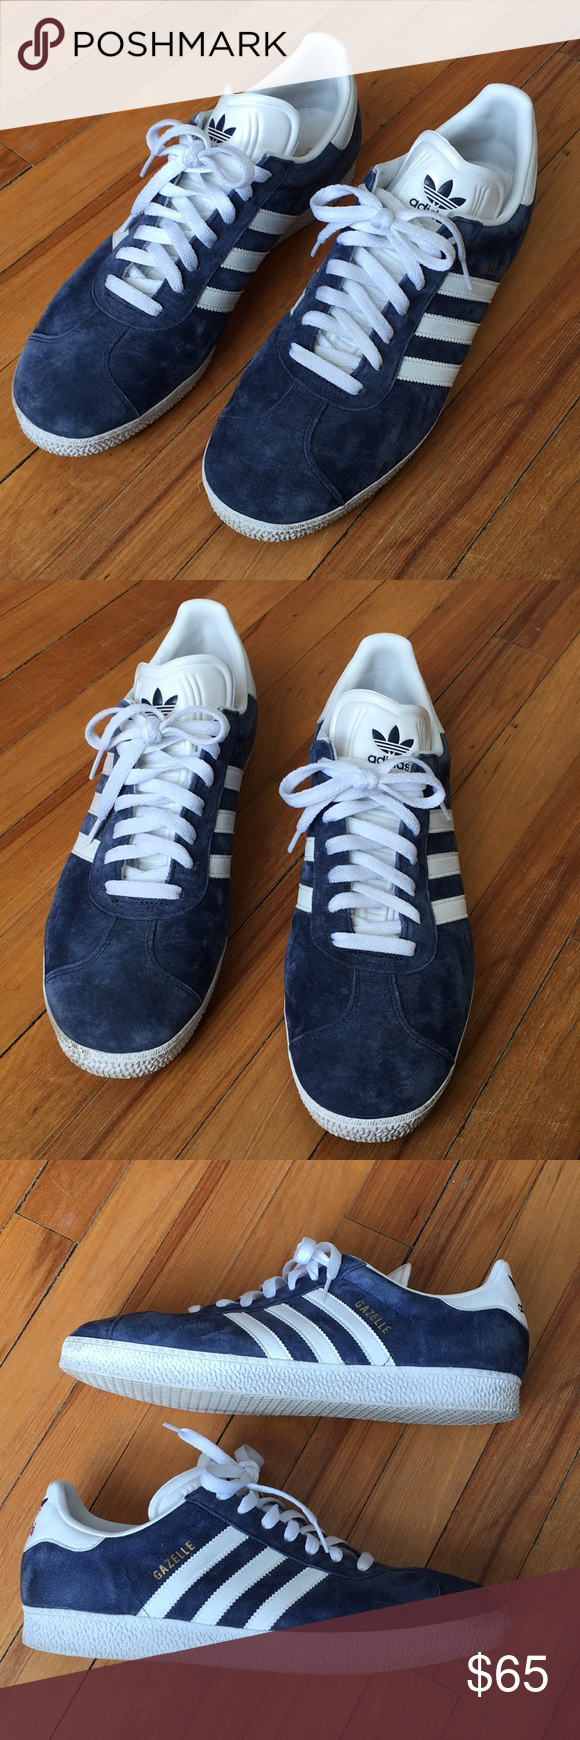 Los hombres de Adidas Gazelle zapatillas adidas Gazelle, Suede zapatillas y